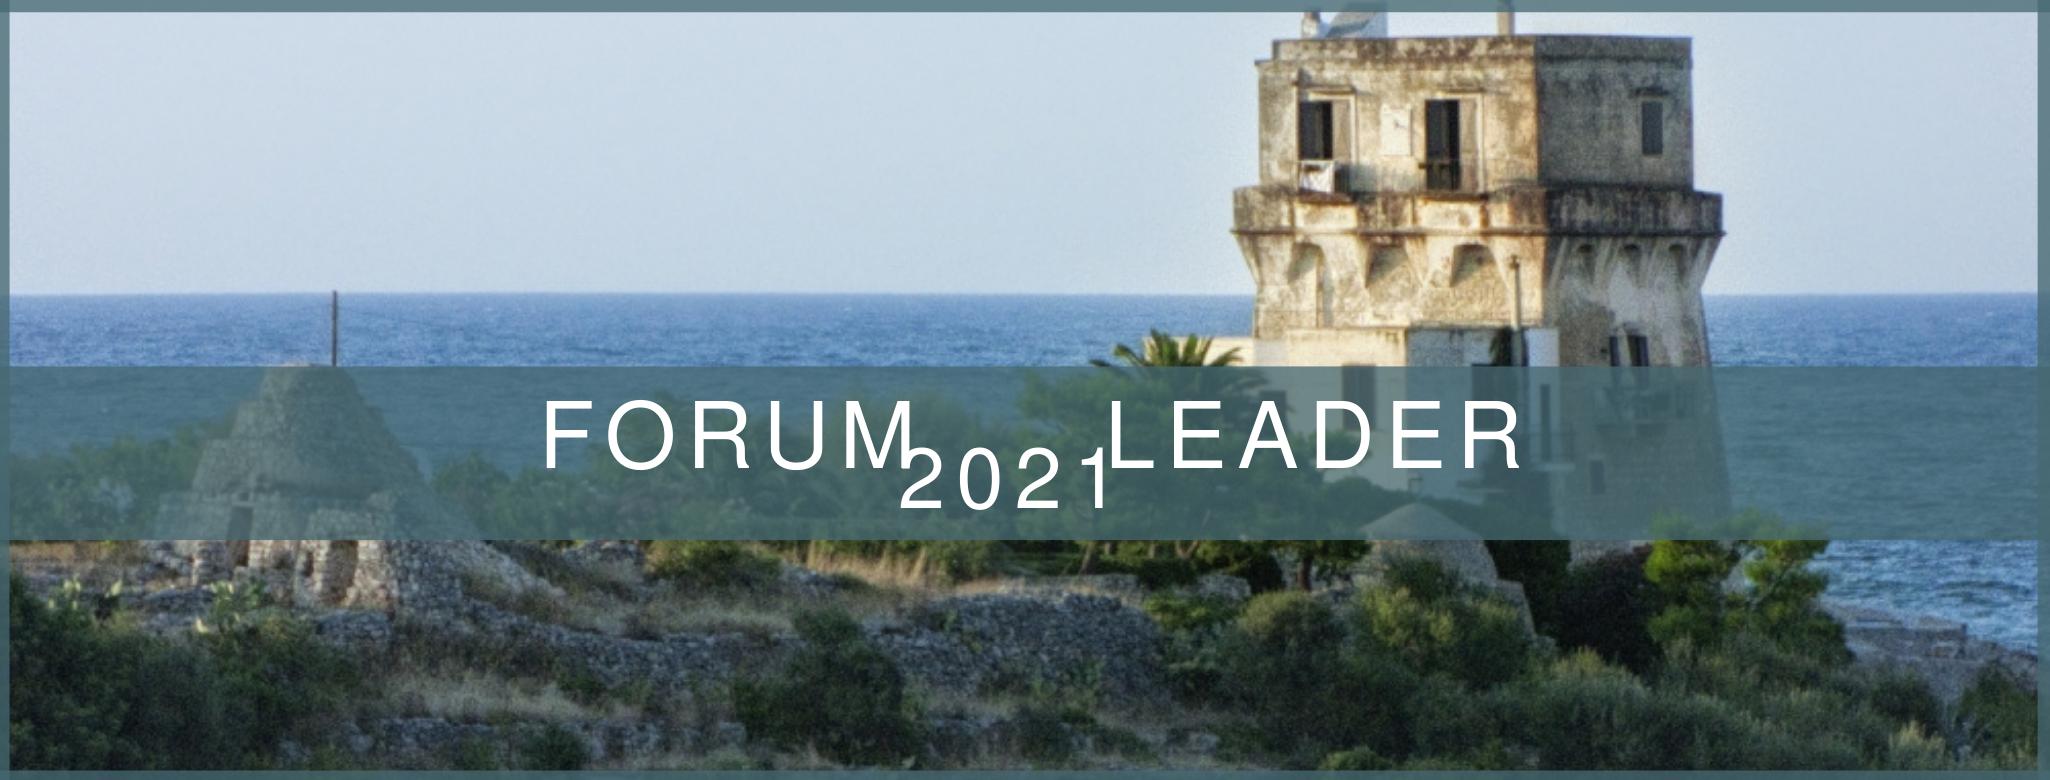 FORUM LEADER 2021: NUOVO COMITATO DI PILOTAGGIO PER IL PROSSIMO CONGRESSO ANNUALE